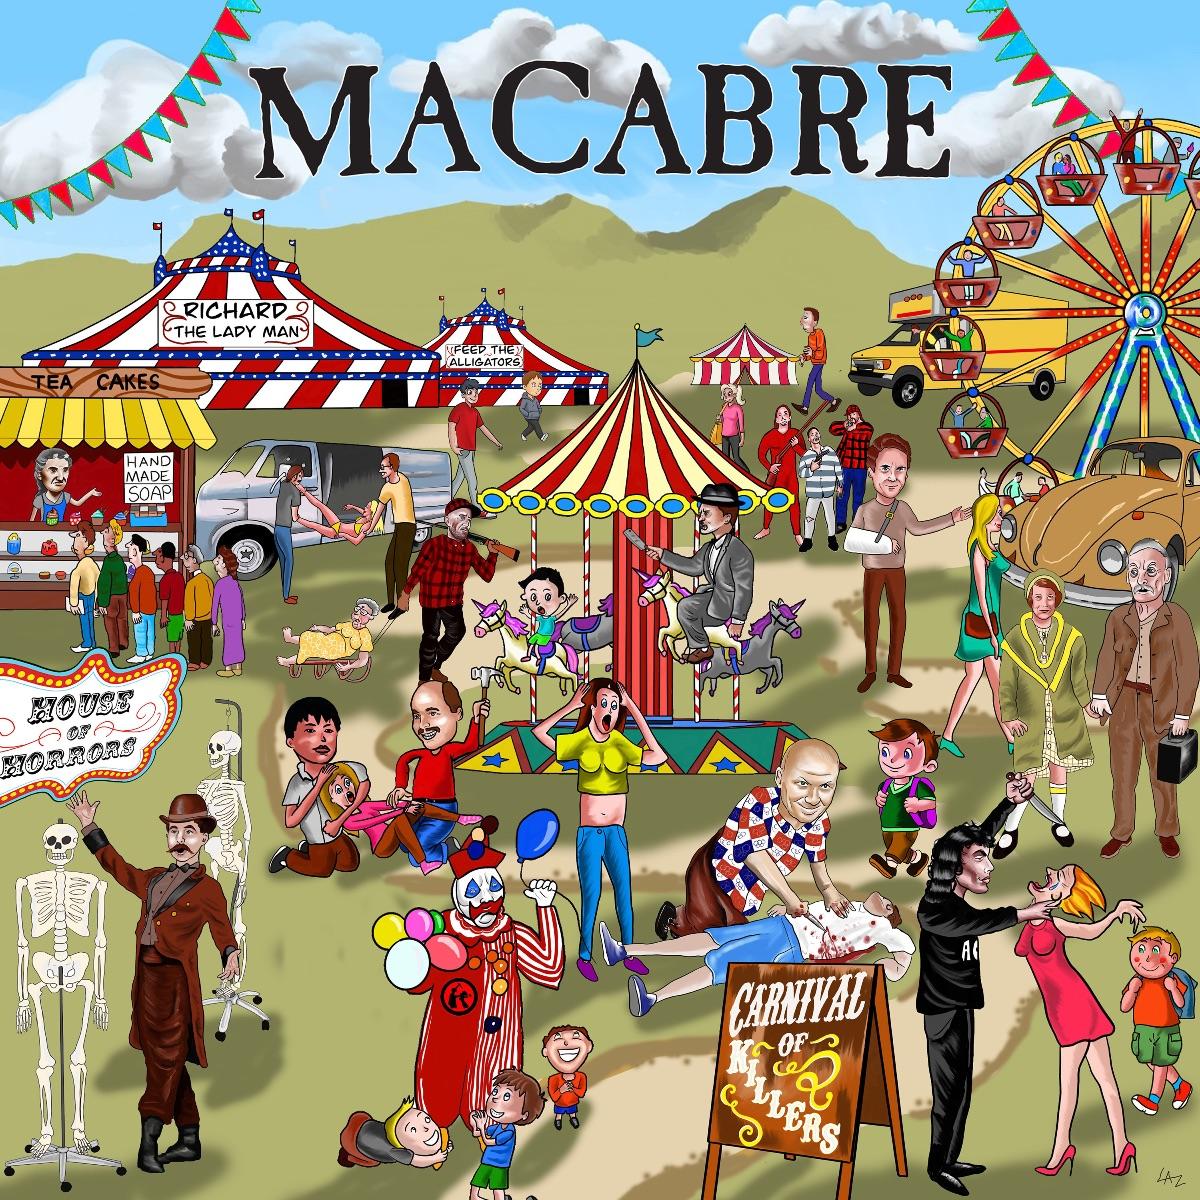 macabre carnival of killers album coverart